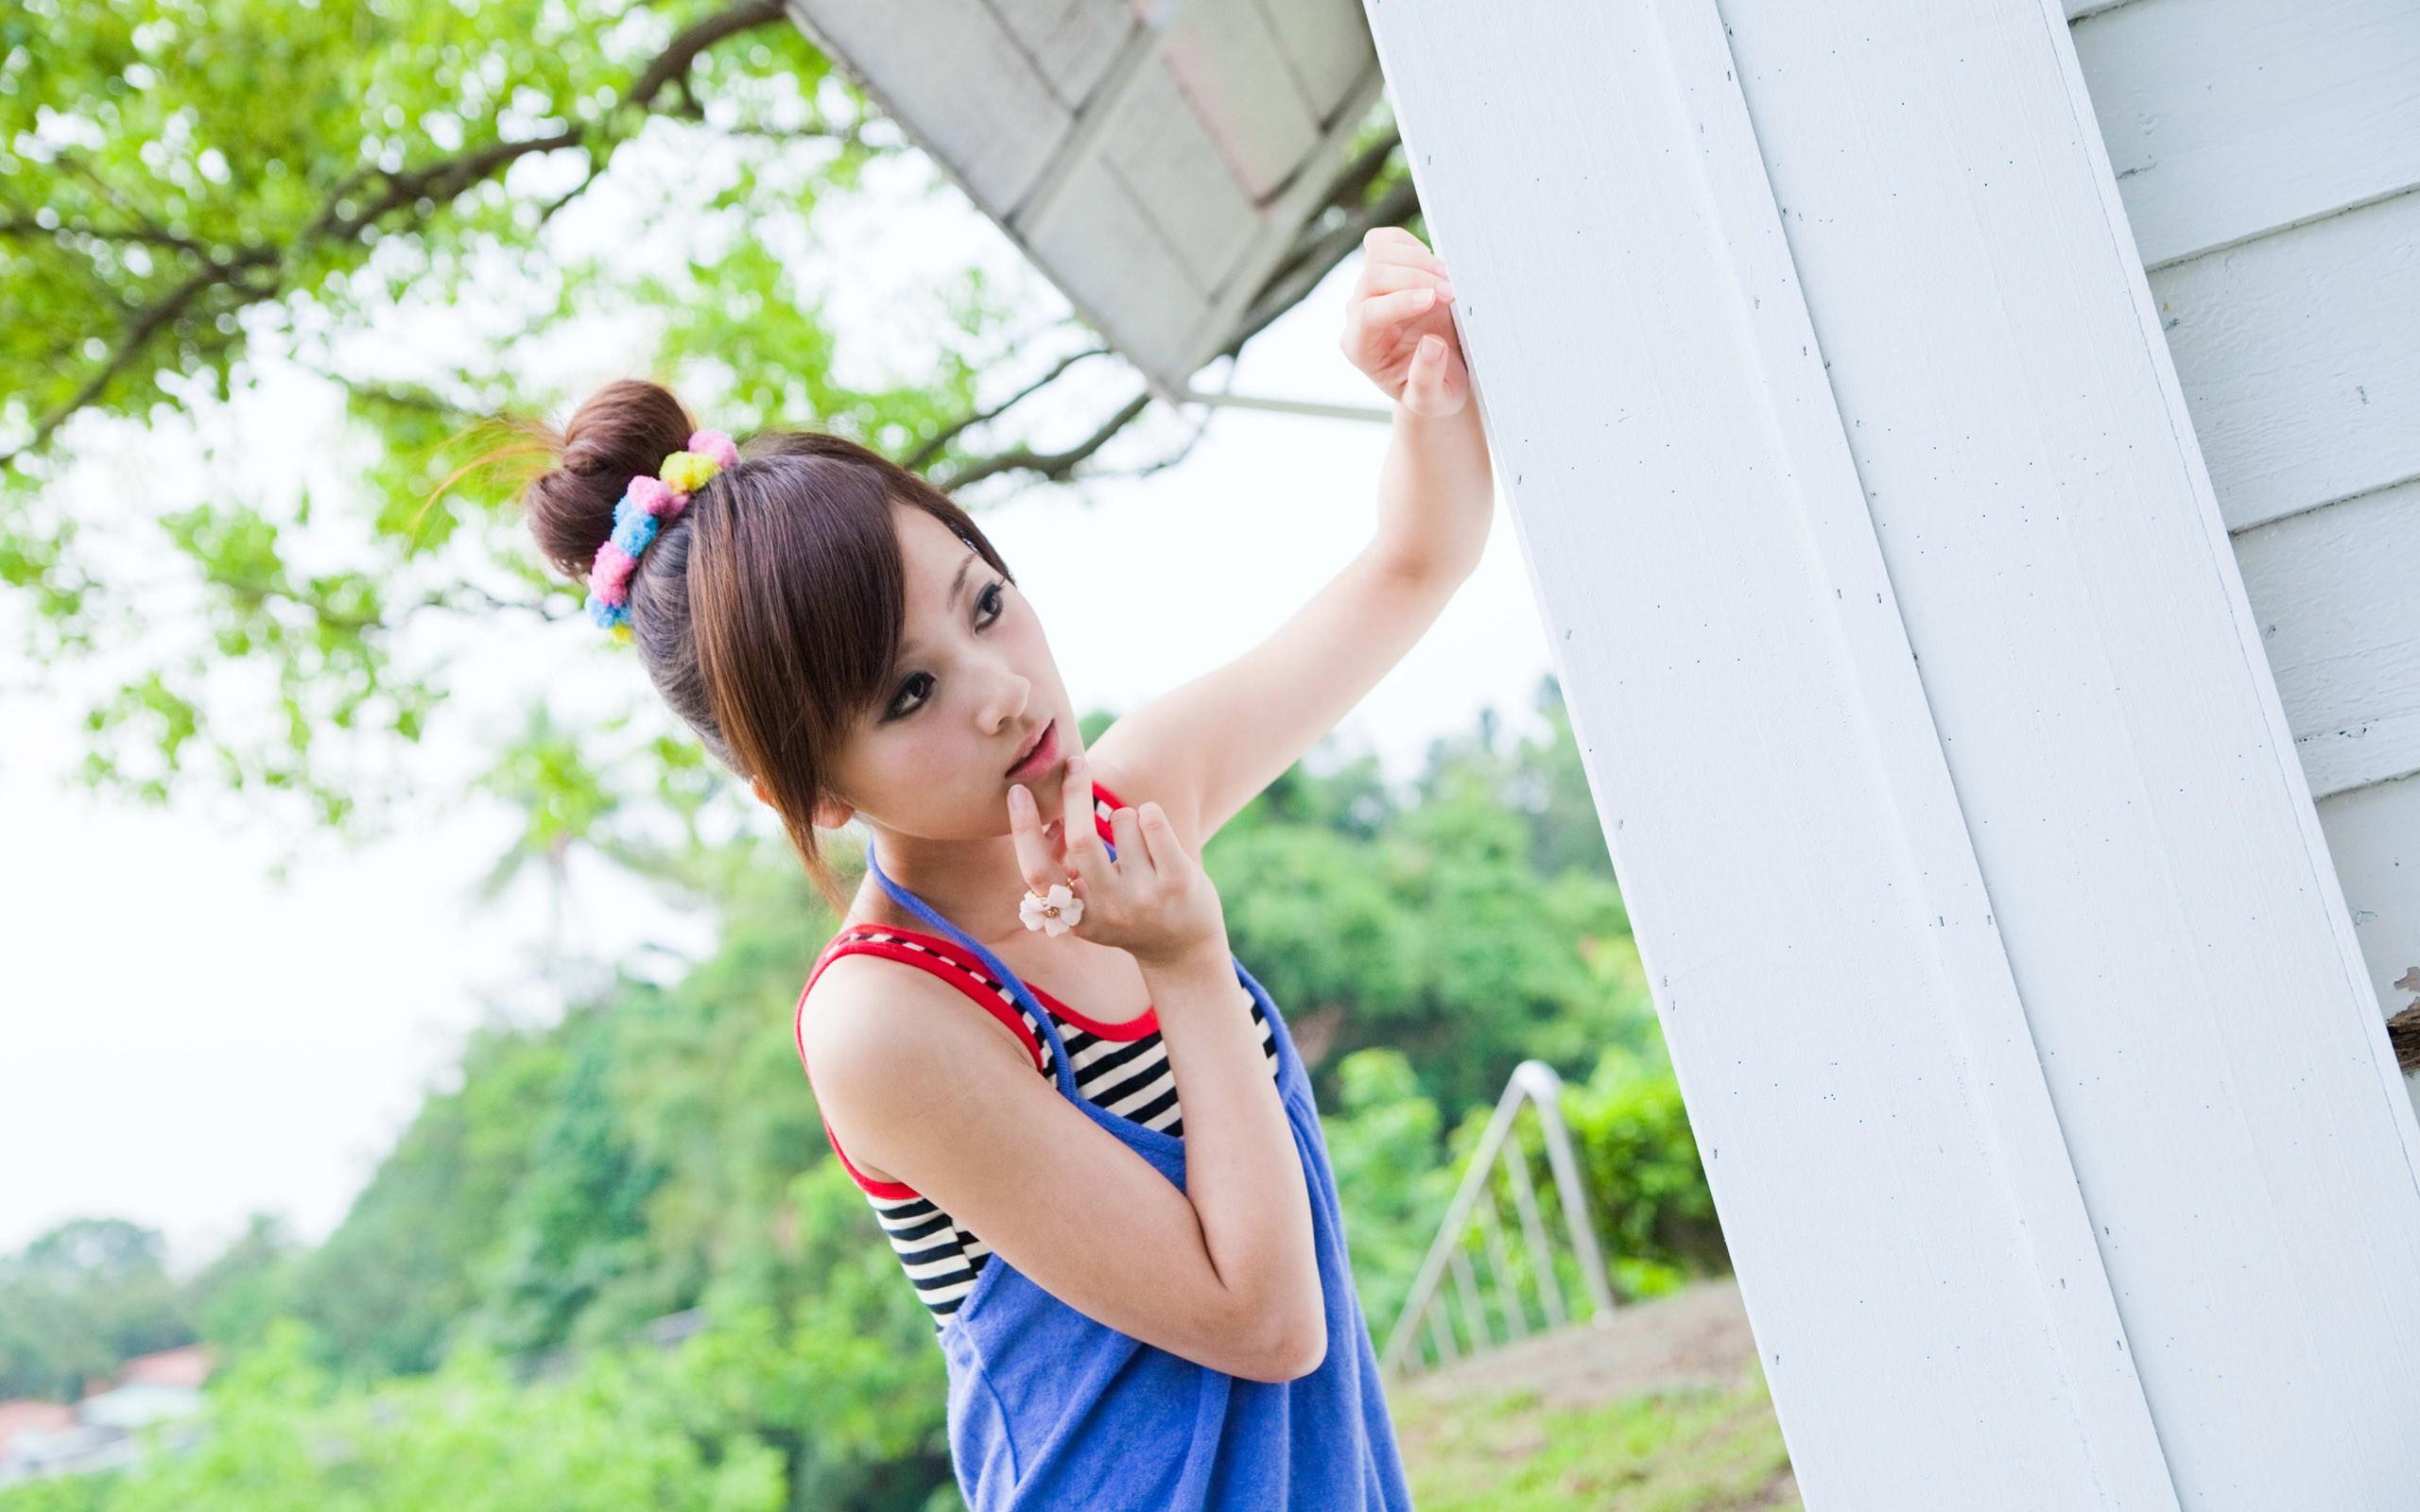 Смотреть порно японки девочки бесплатно 16 фотография